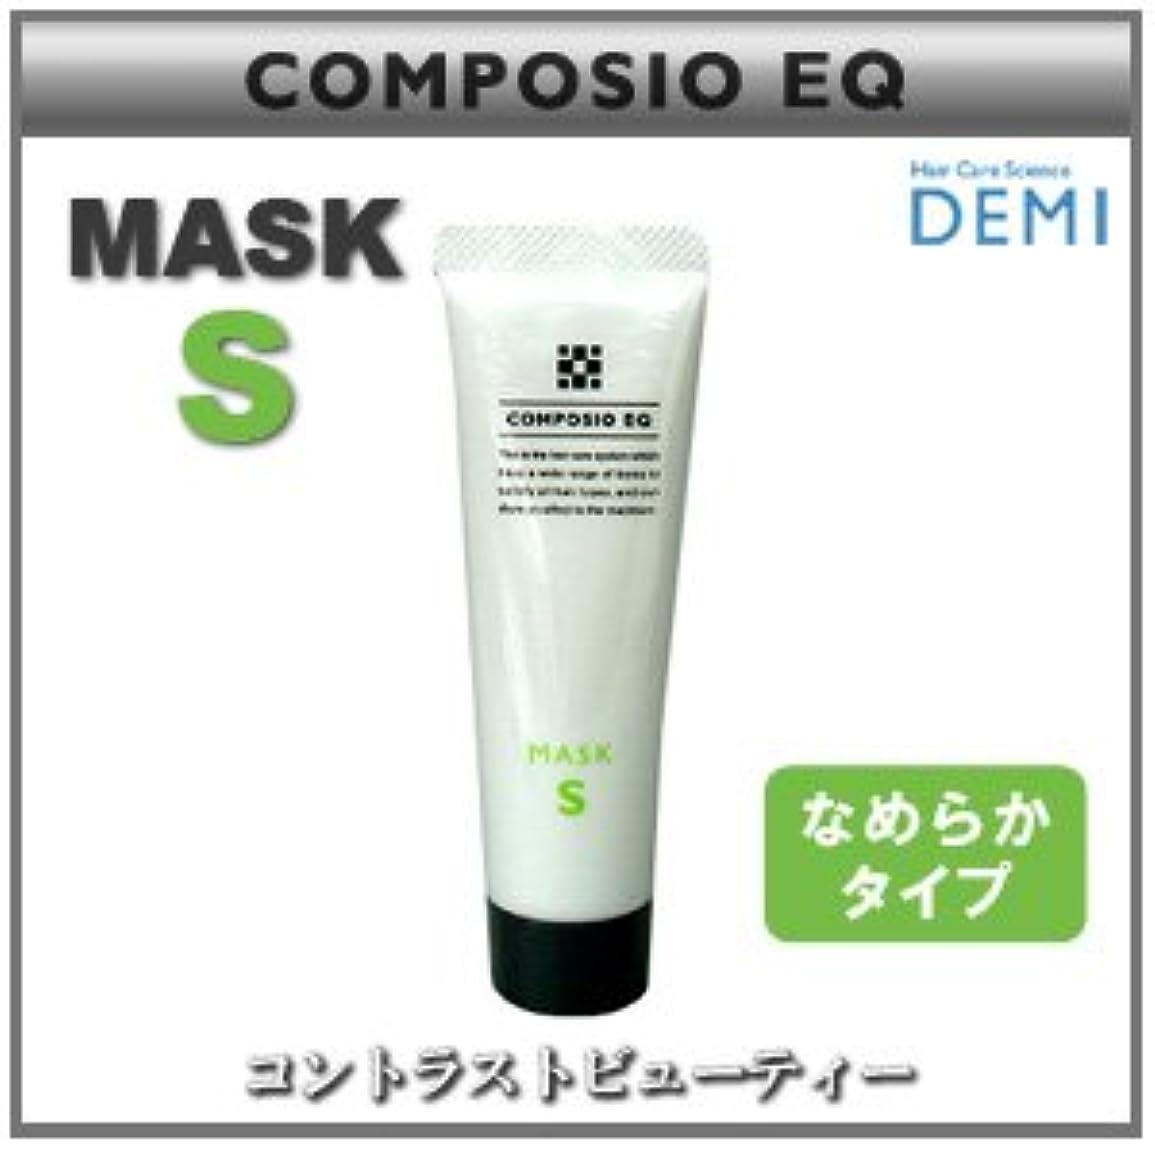 インストラクター強打本質的に【X3個セット】 デミ コンポジオ EQ マスク S 50g